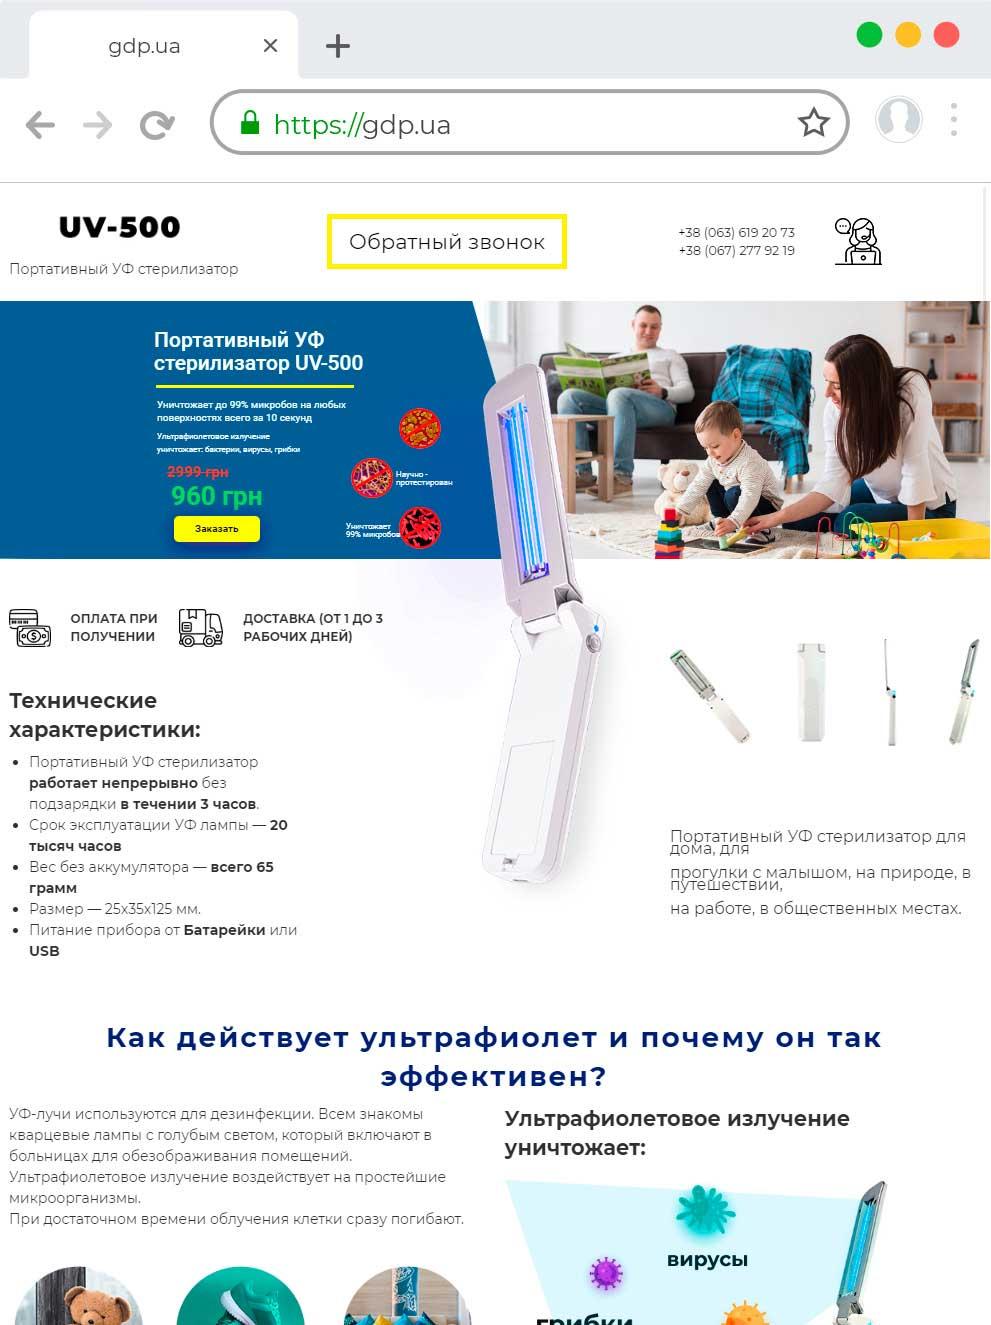 Разработка сайта лендигпейдж на WordPress gdp.ua